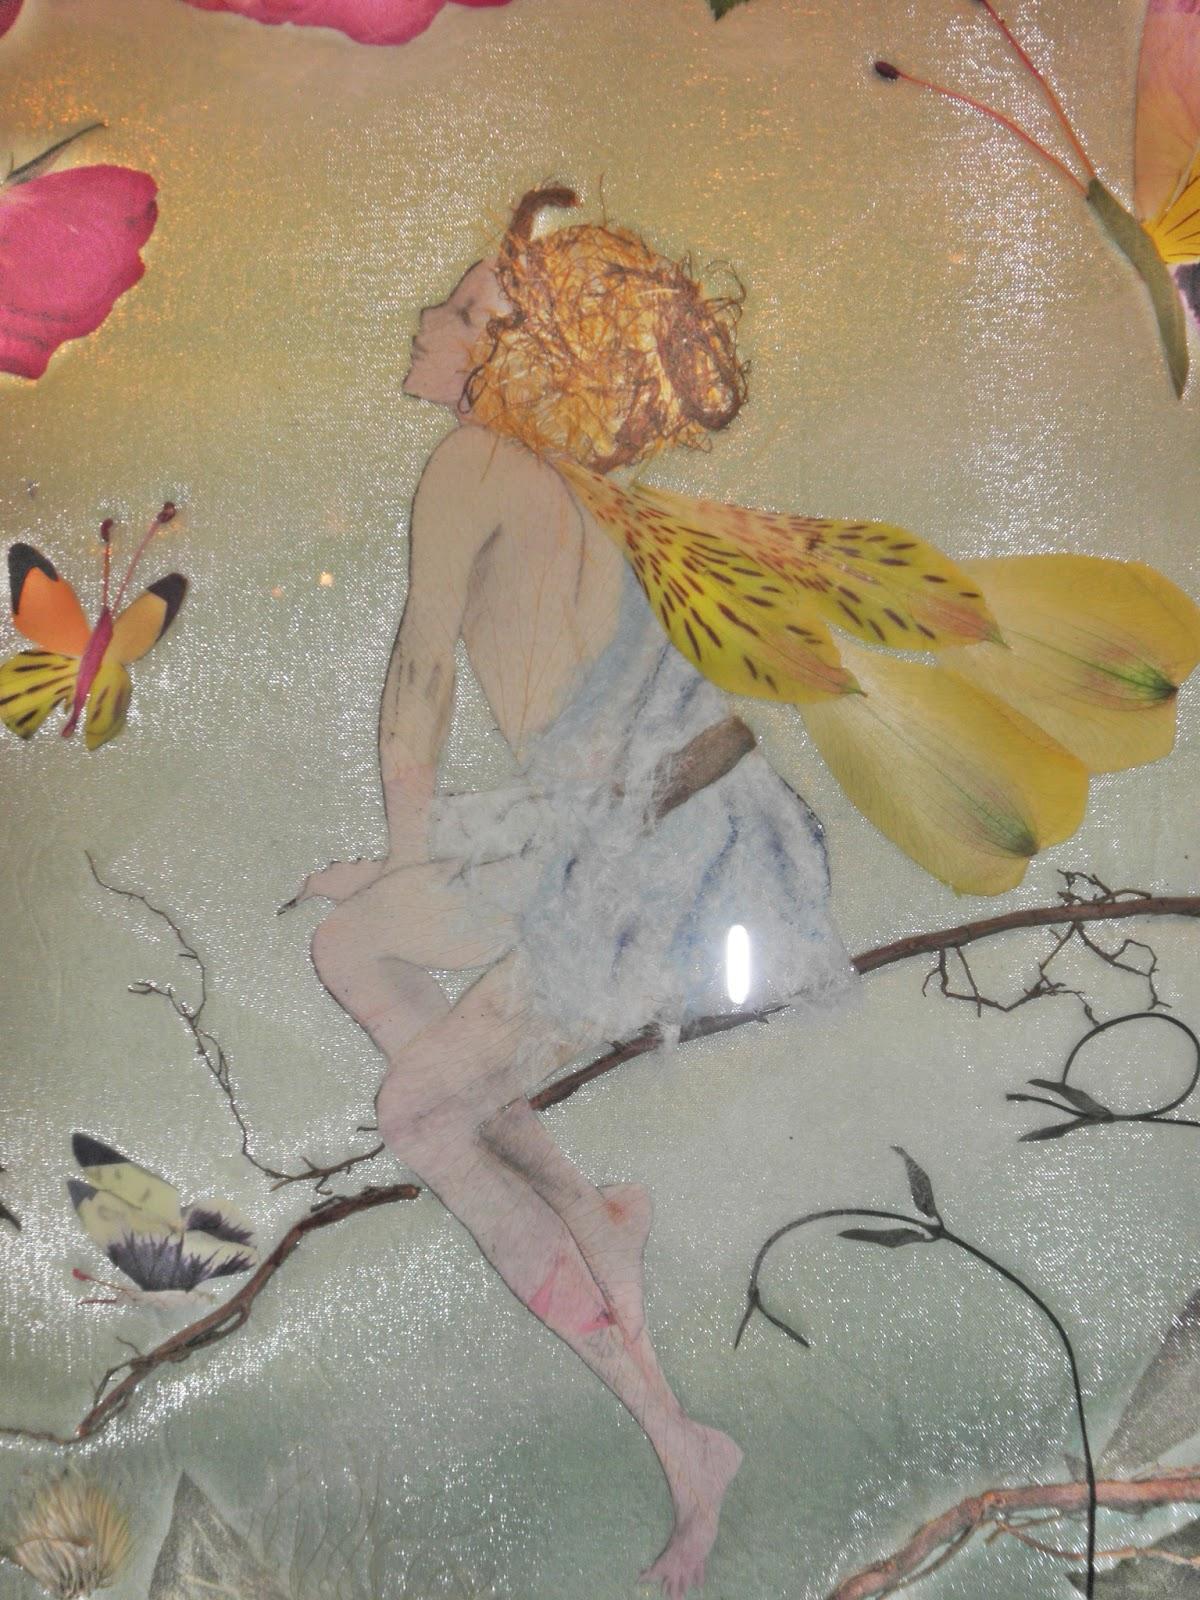 oshibana arte de prensar folhas e flores